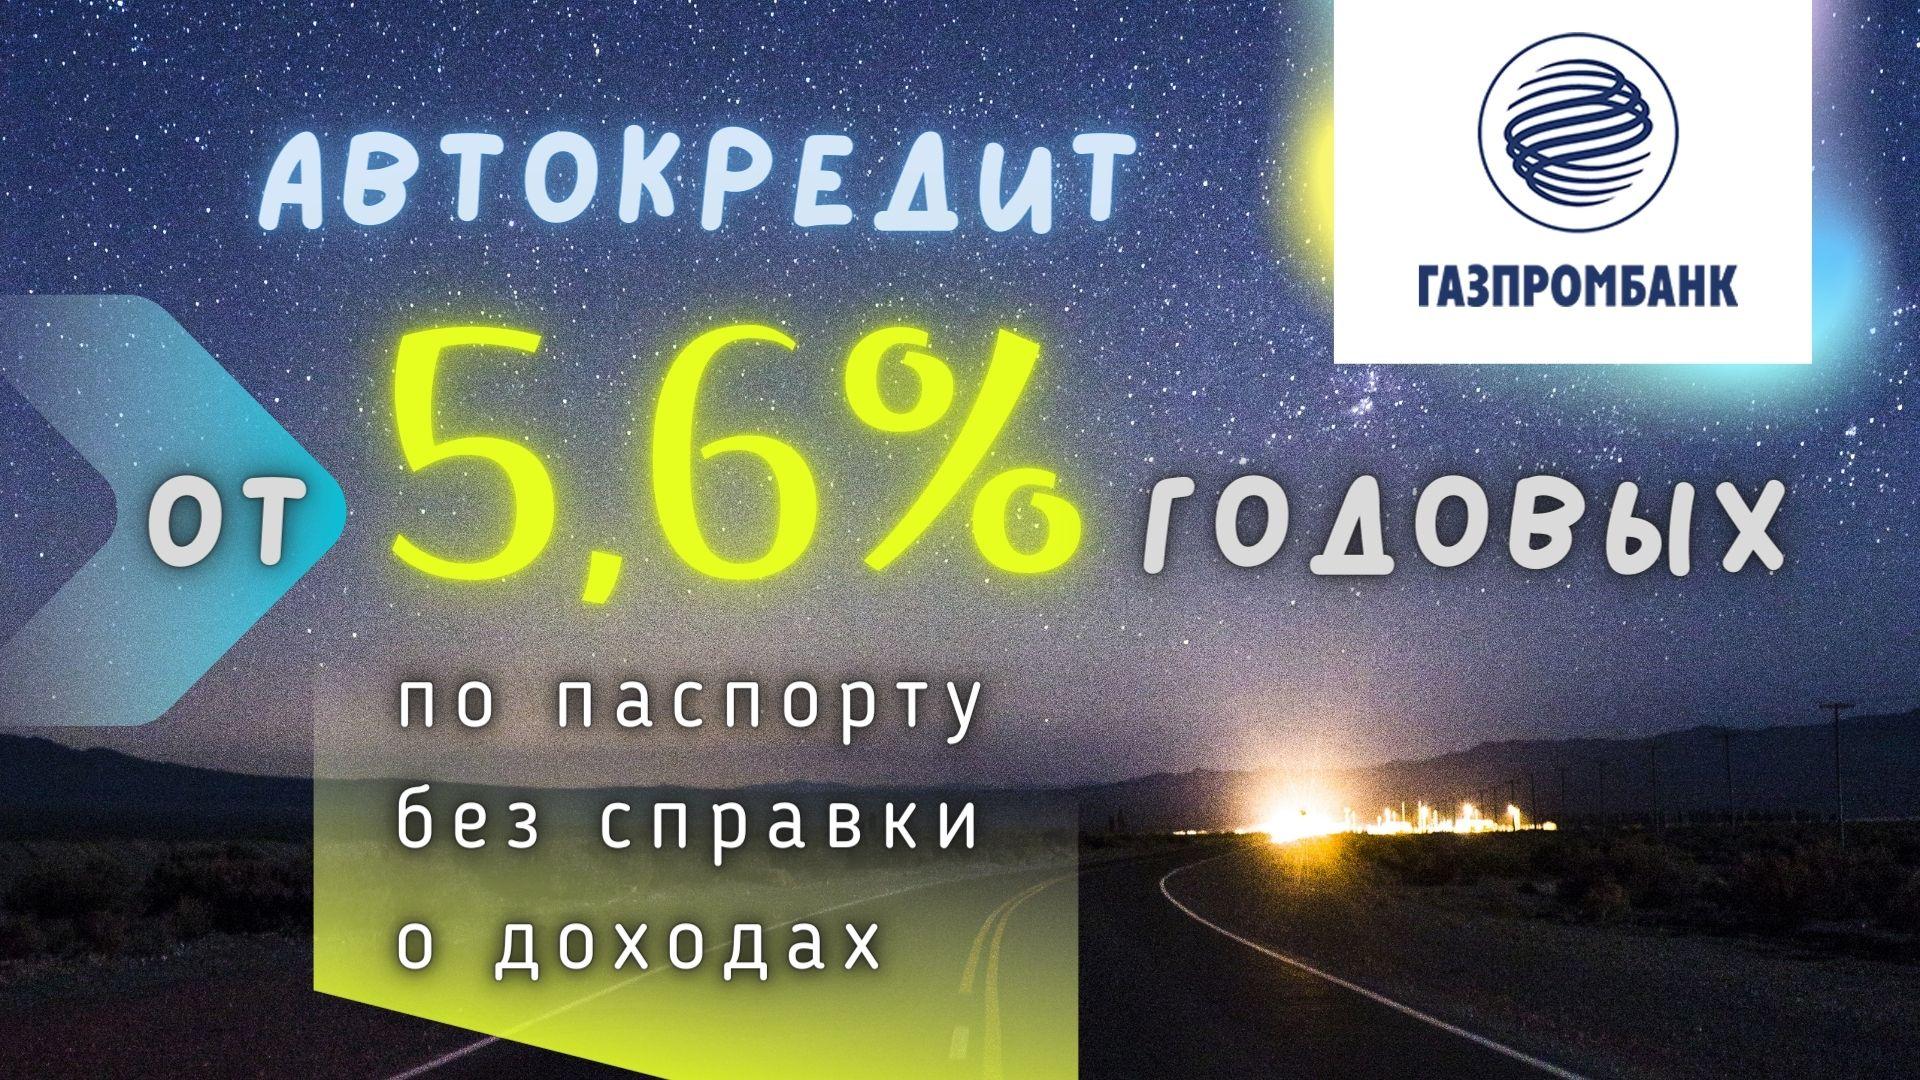 Выгодный Автокредит в Газпромбанке на подержанный автомобиль